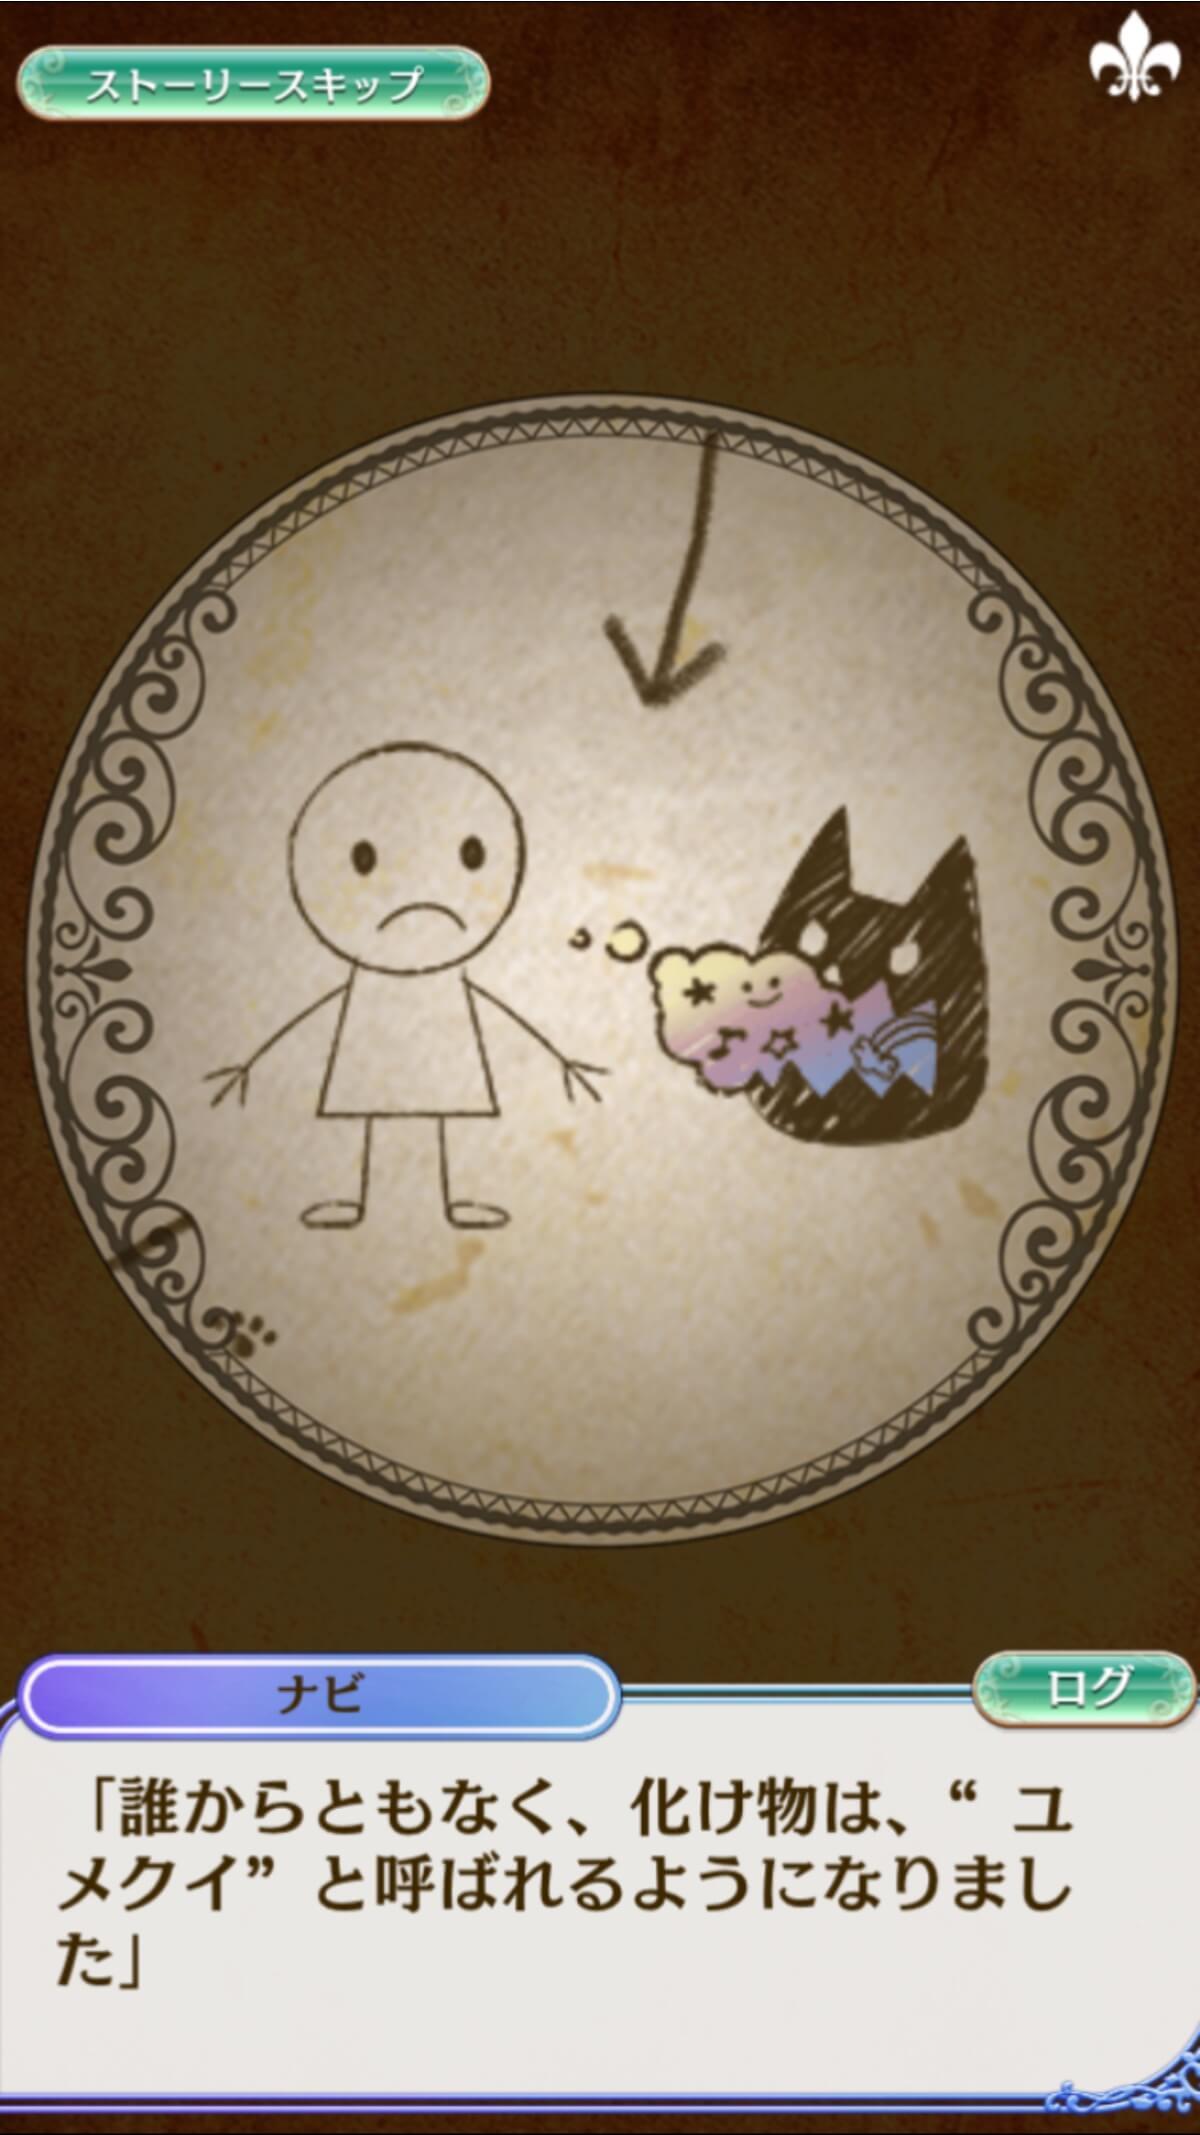 """夢を食う化け物""""ユメクイ""""がイラストに描かれています。"""